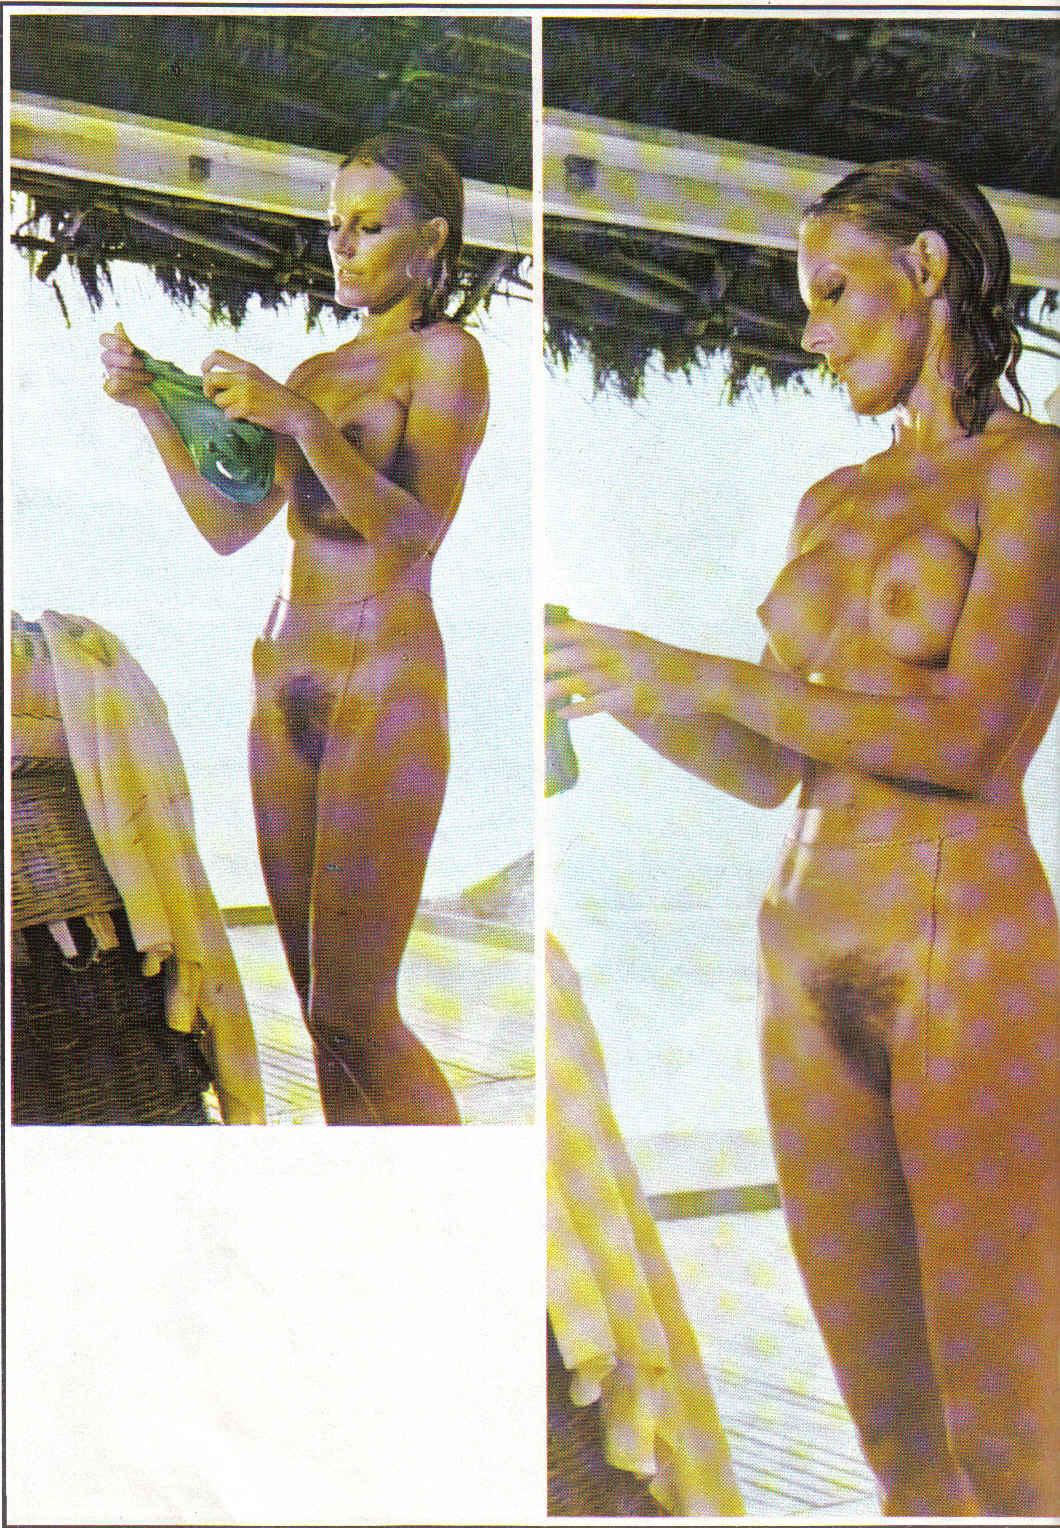 Amaia salamanca nude in fuga de cerebros - 1 3